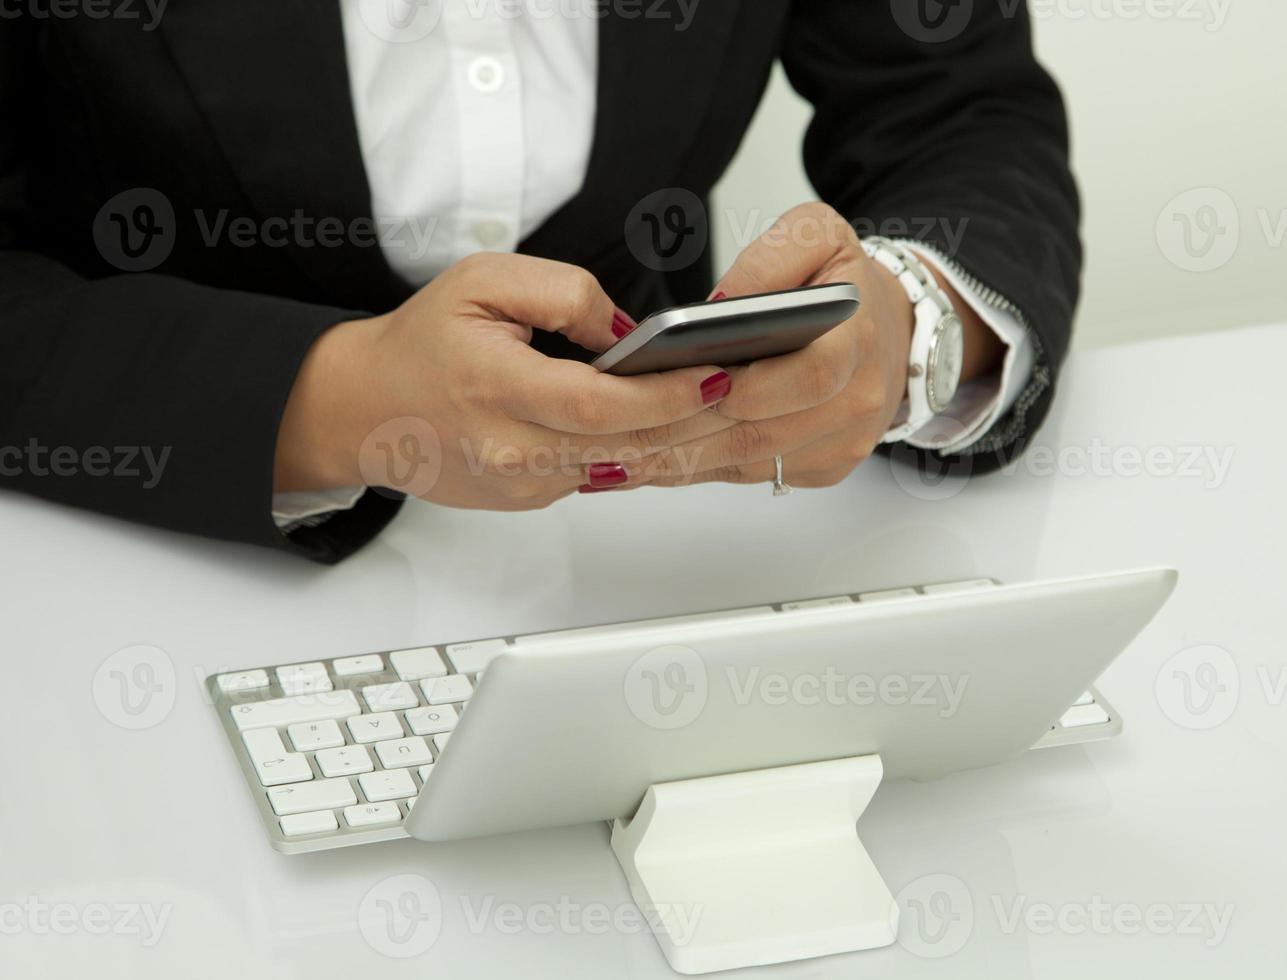 använder mobiltelefon på kontoret foto